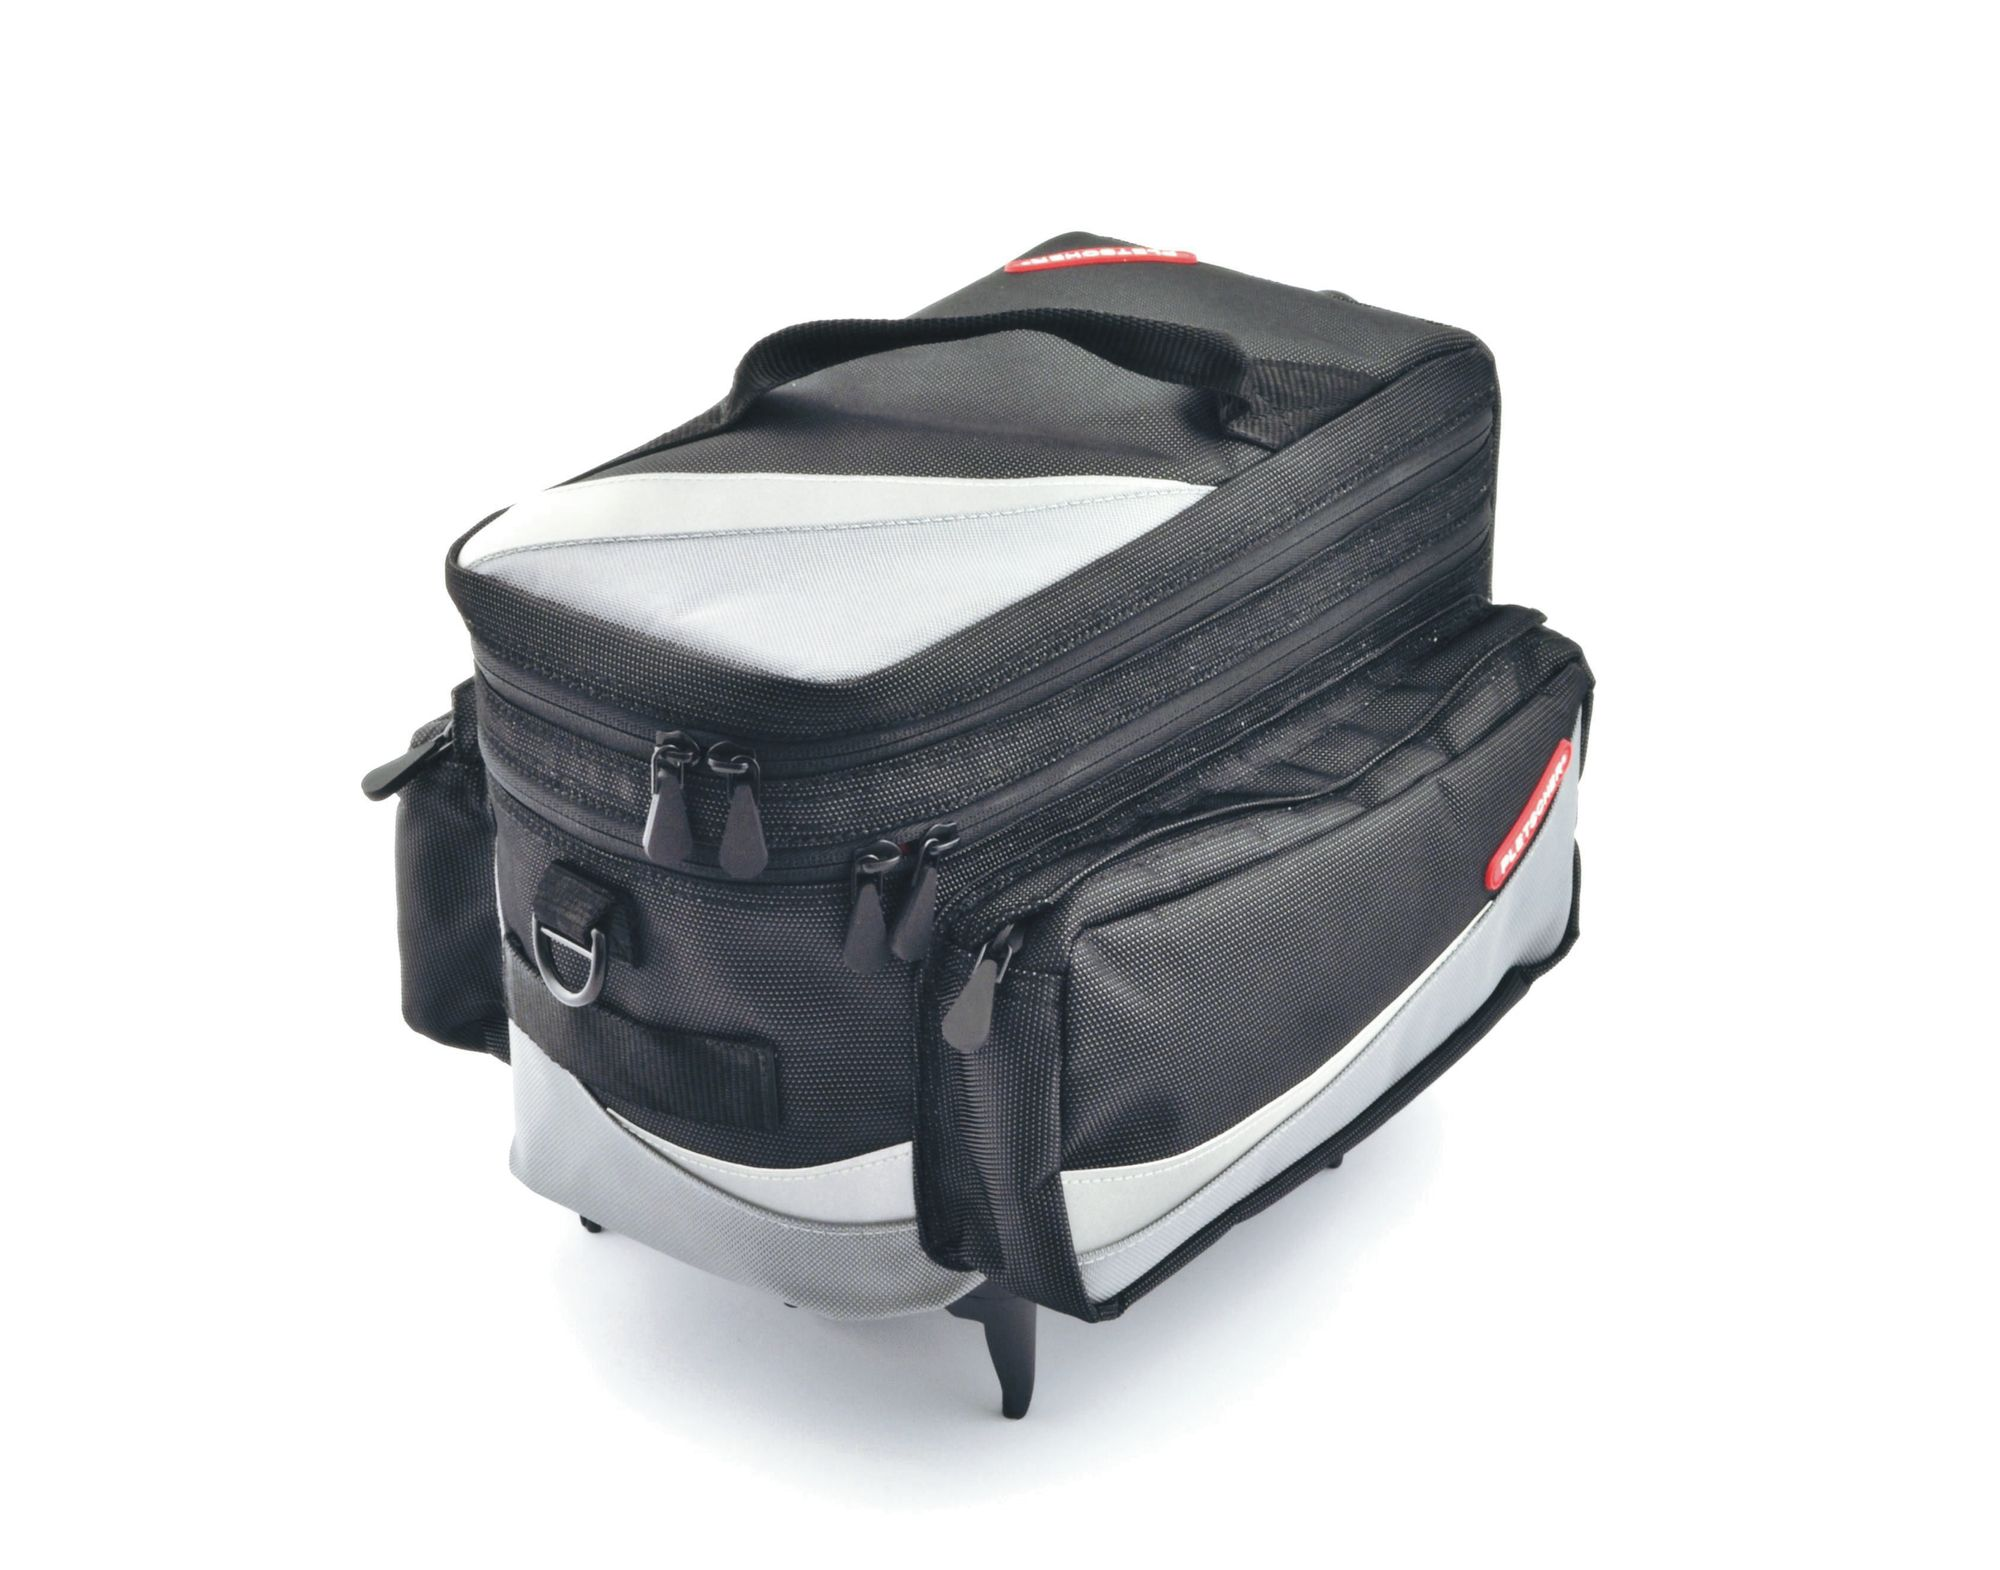 gep cktr gertasche pletscher zurigo in schwarz grau. Black Bedroom Furniture Sets. Home Design Ideas